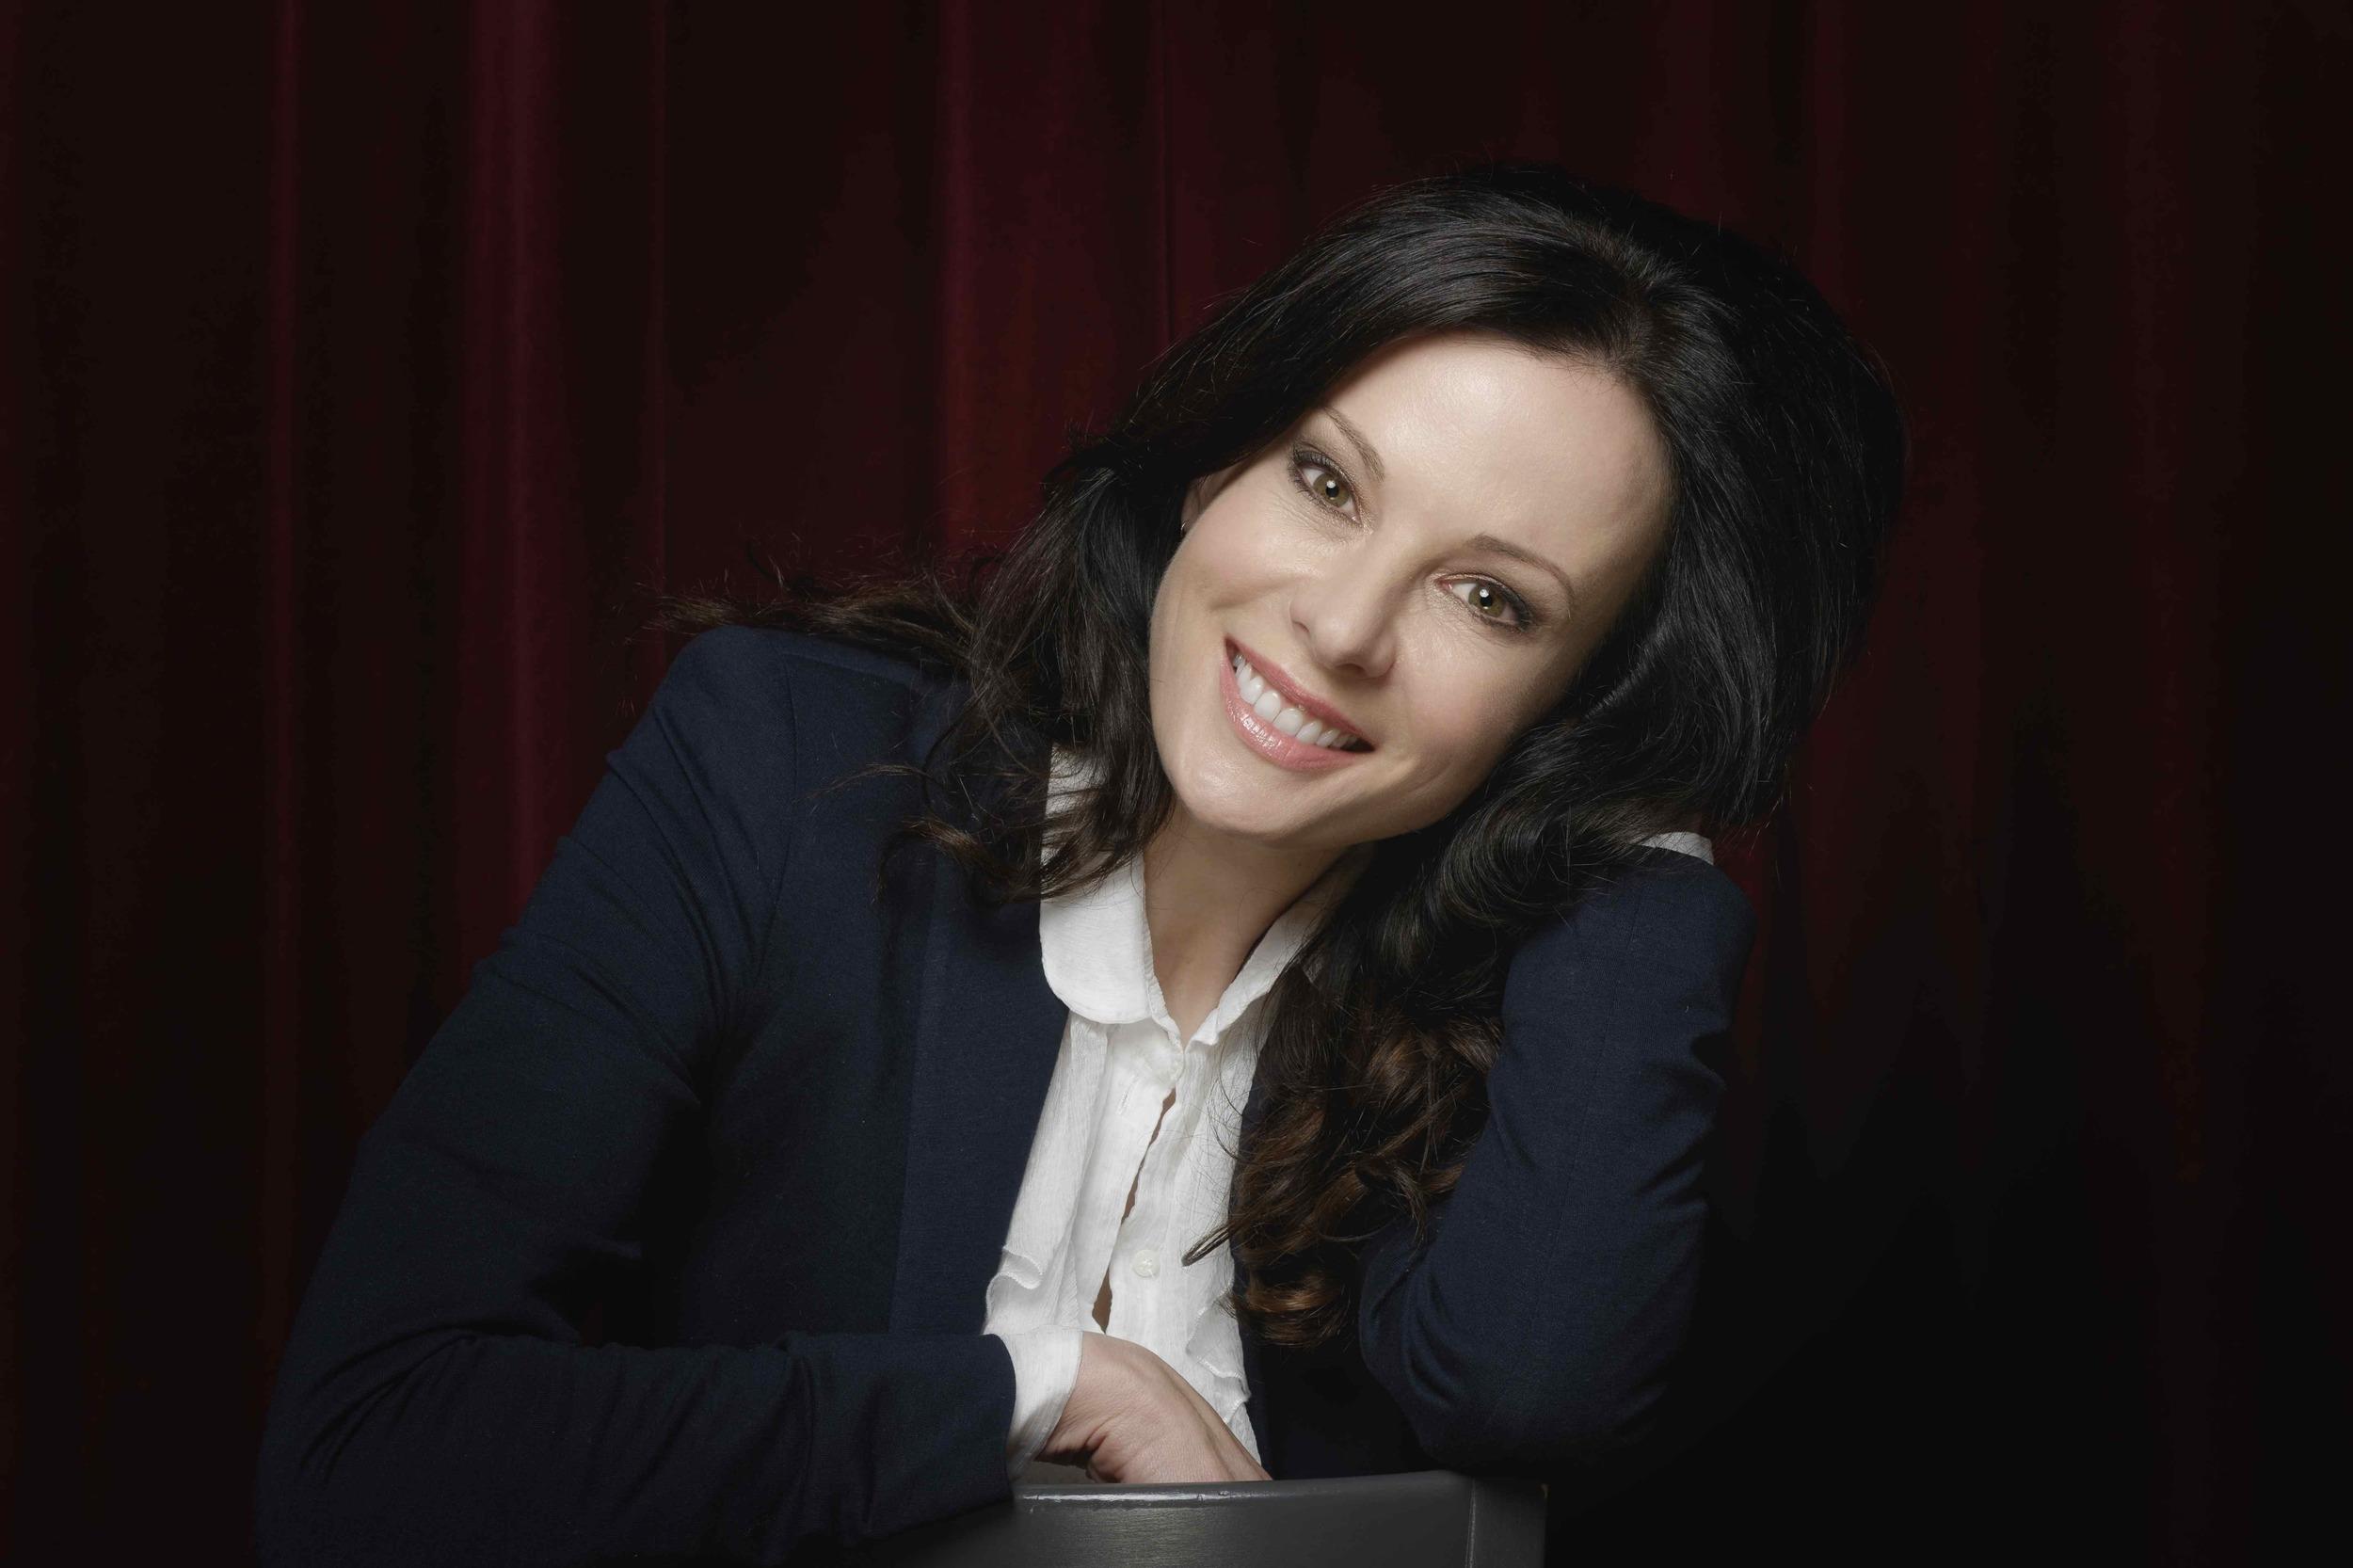 Caroline Rasser